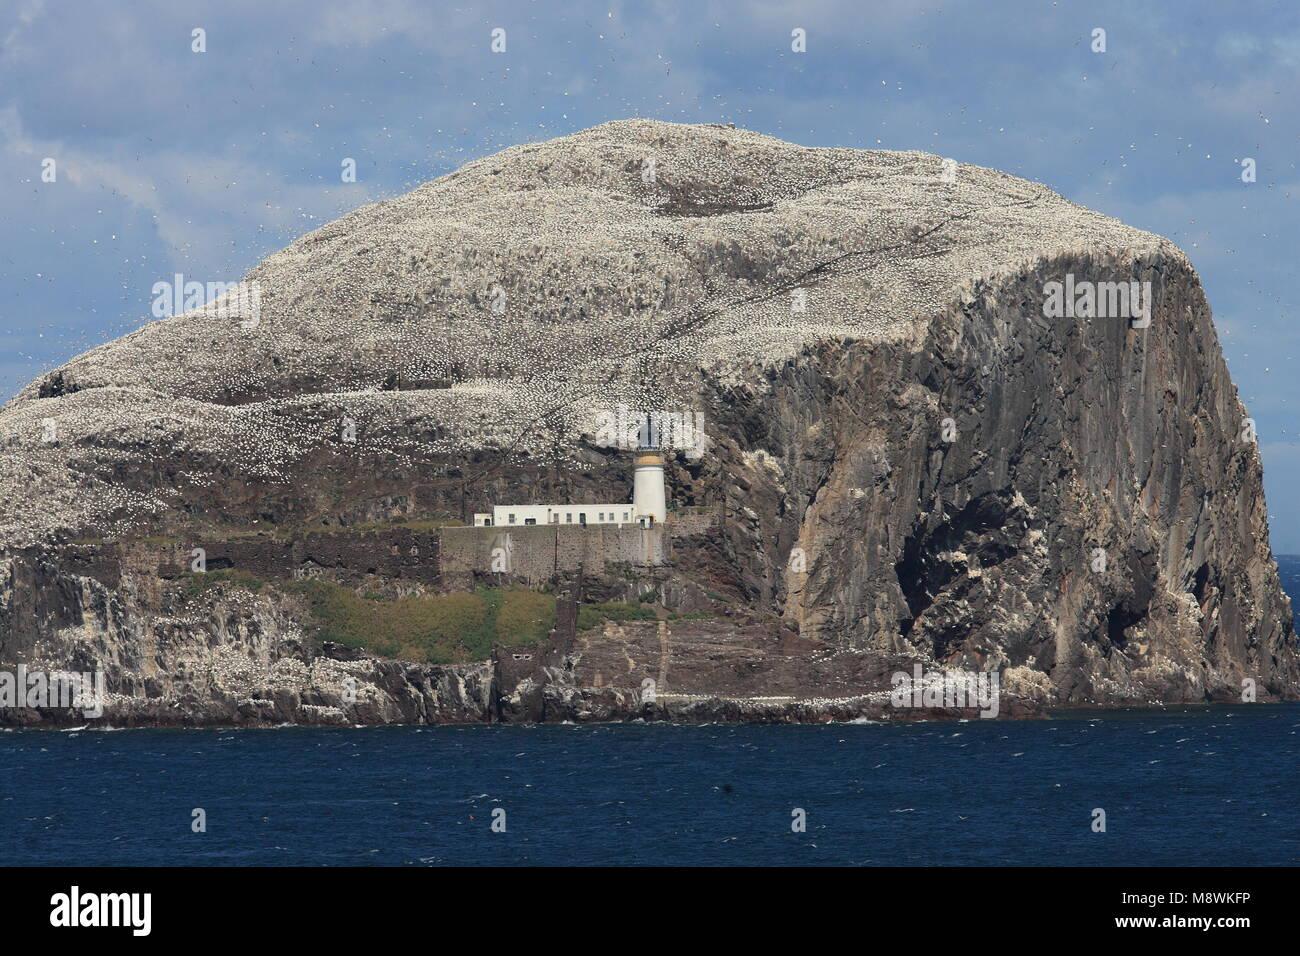 Zicht op Bass Rock; View on Bass Rock - Stock Image